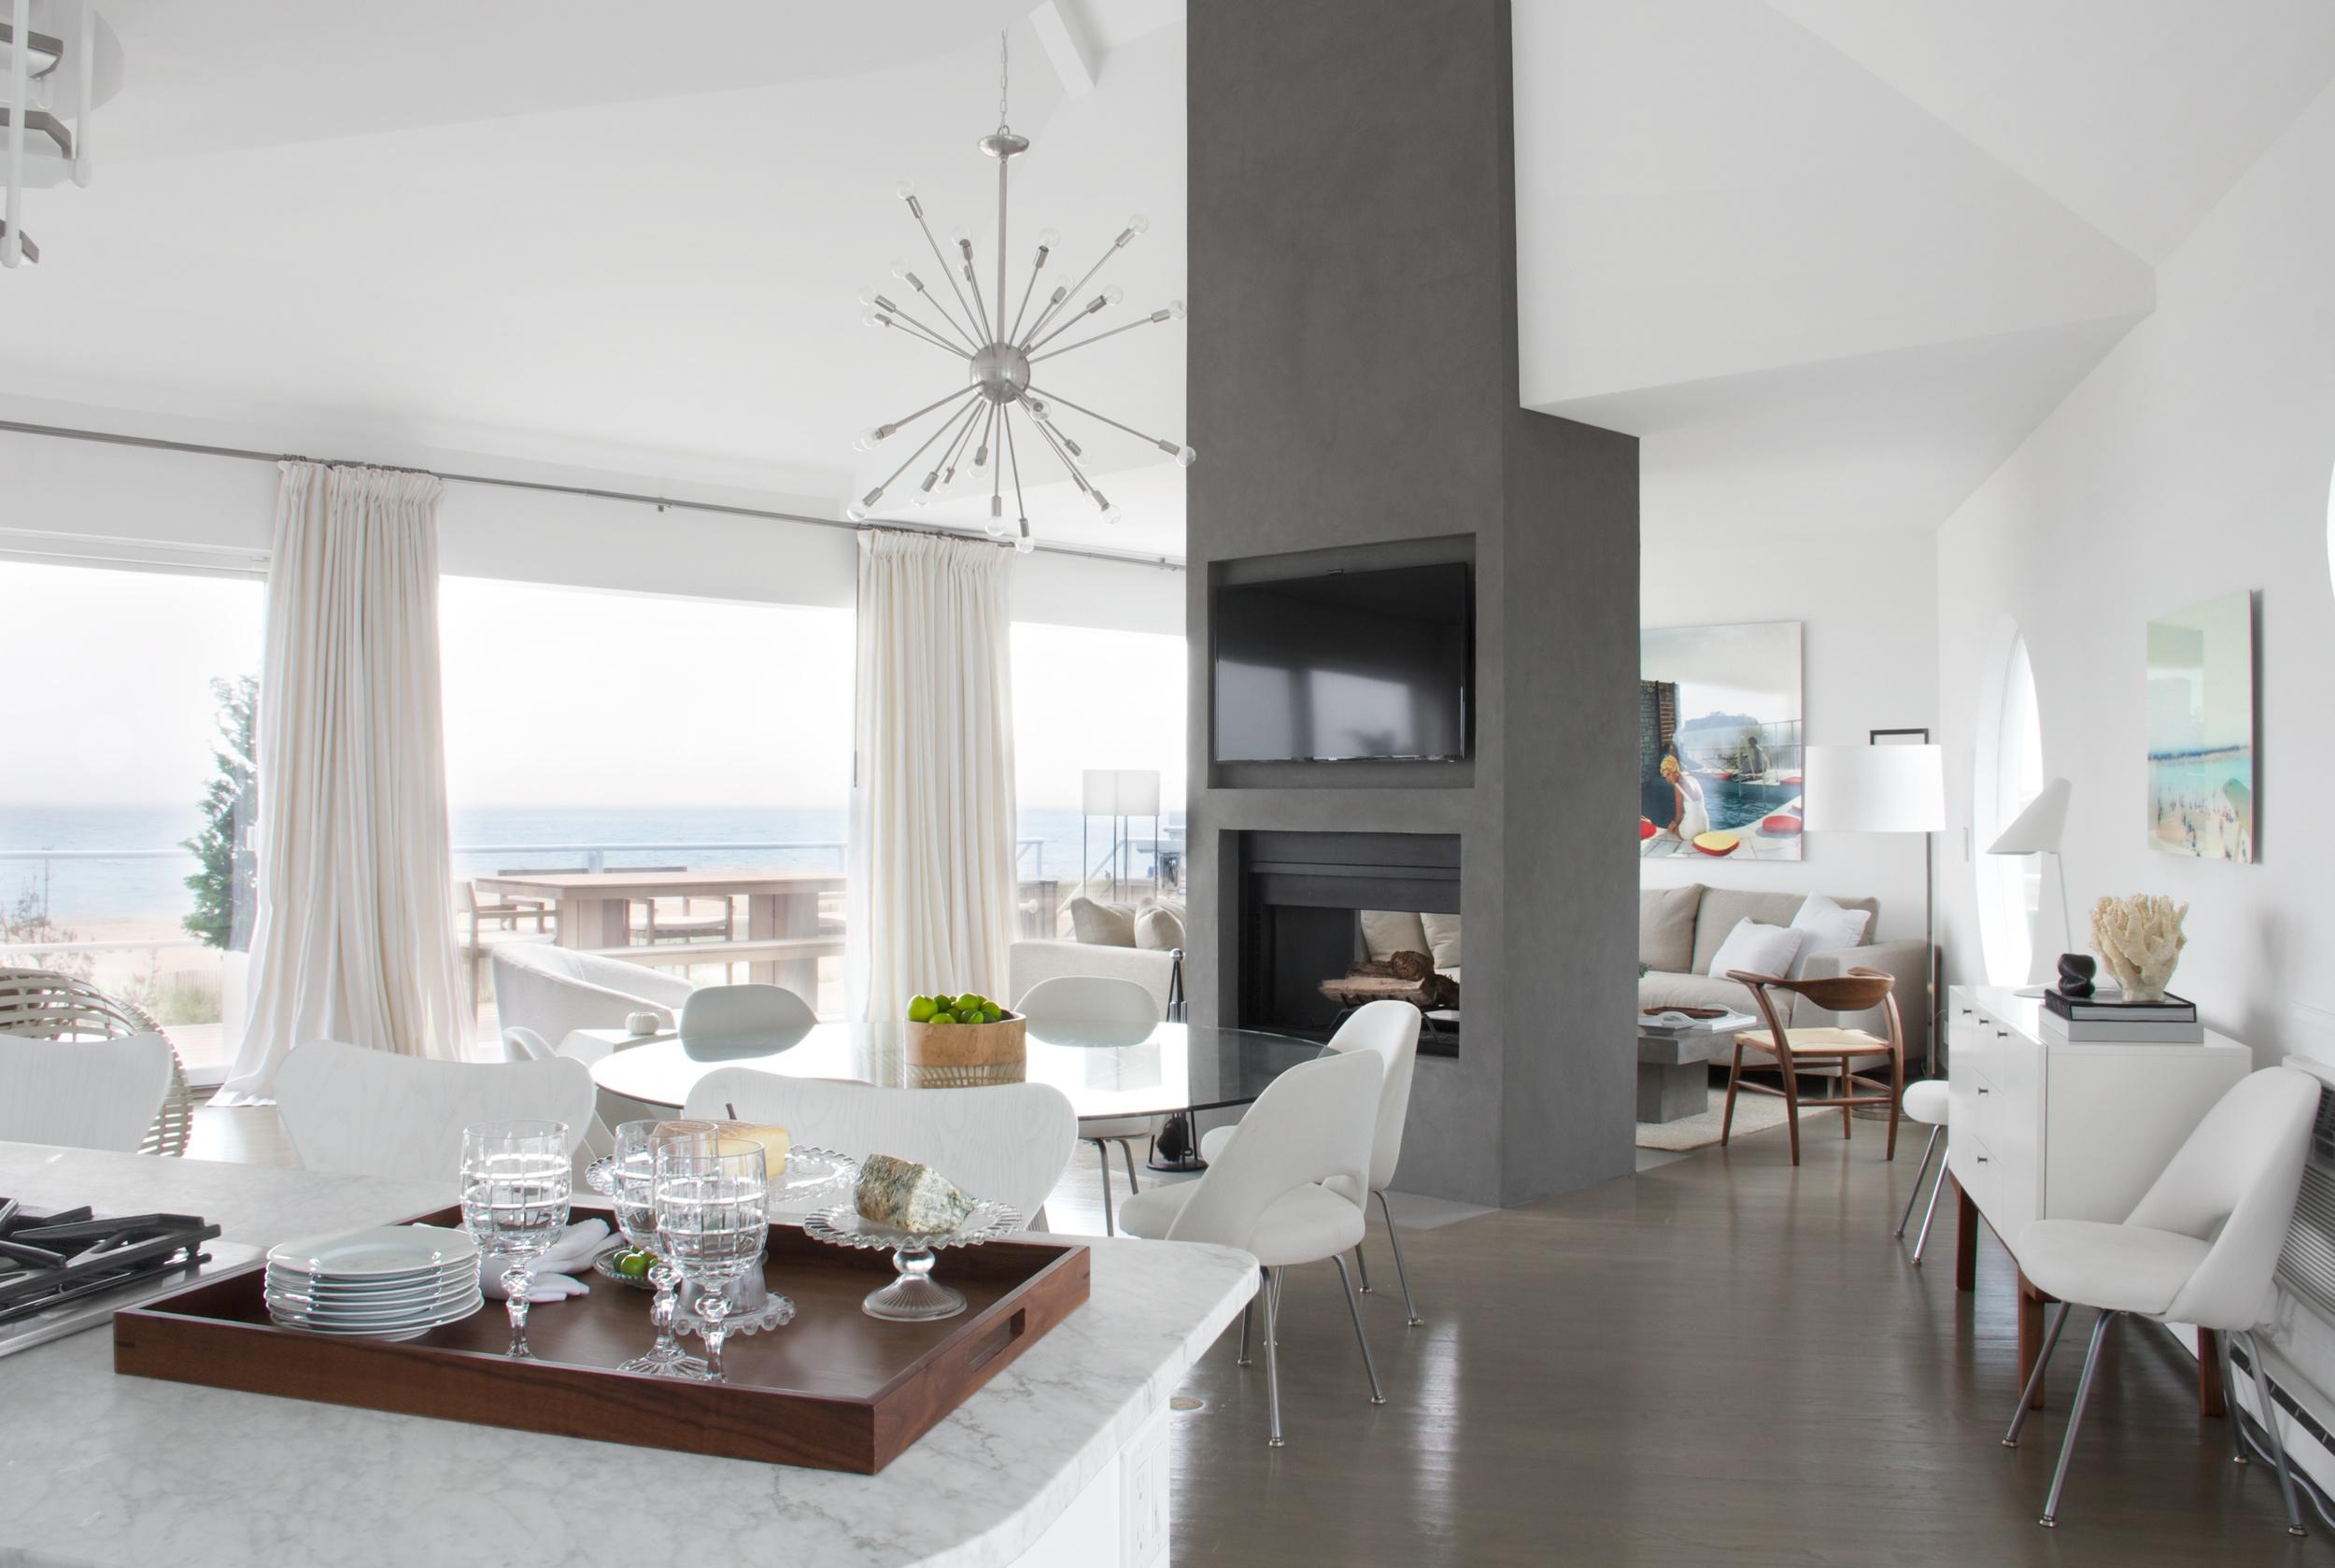 Schoeller + Darling Design - Amagansett Beach House - Living Area